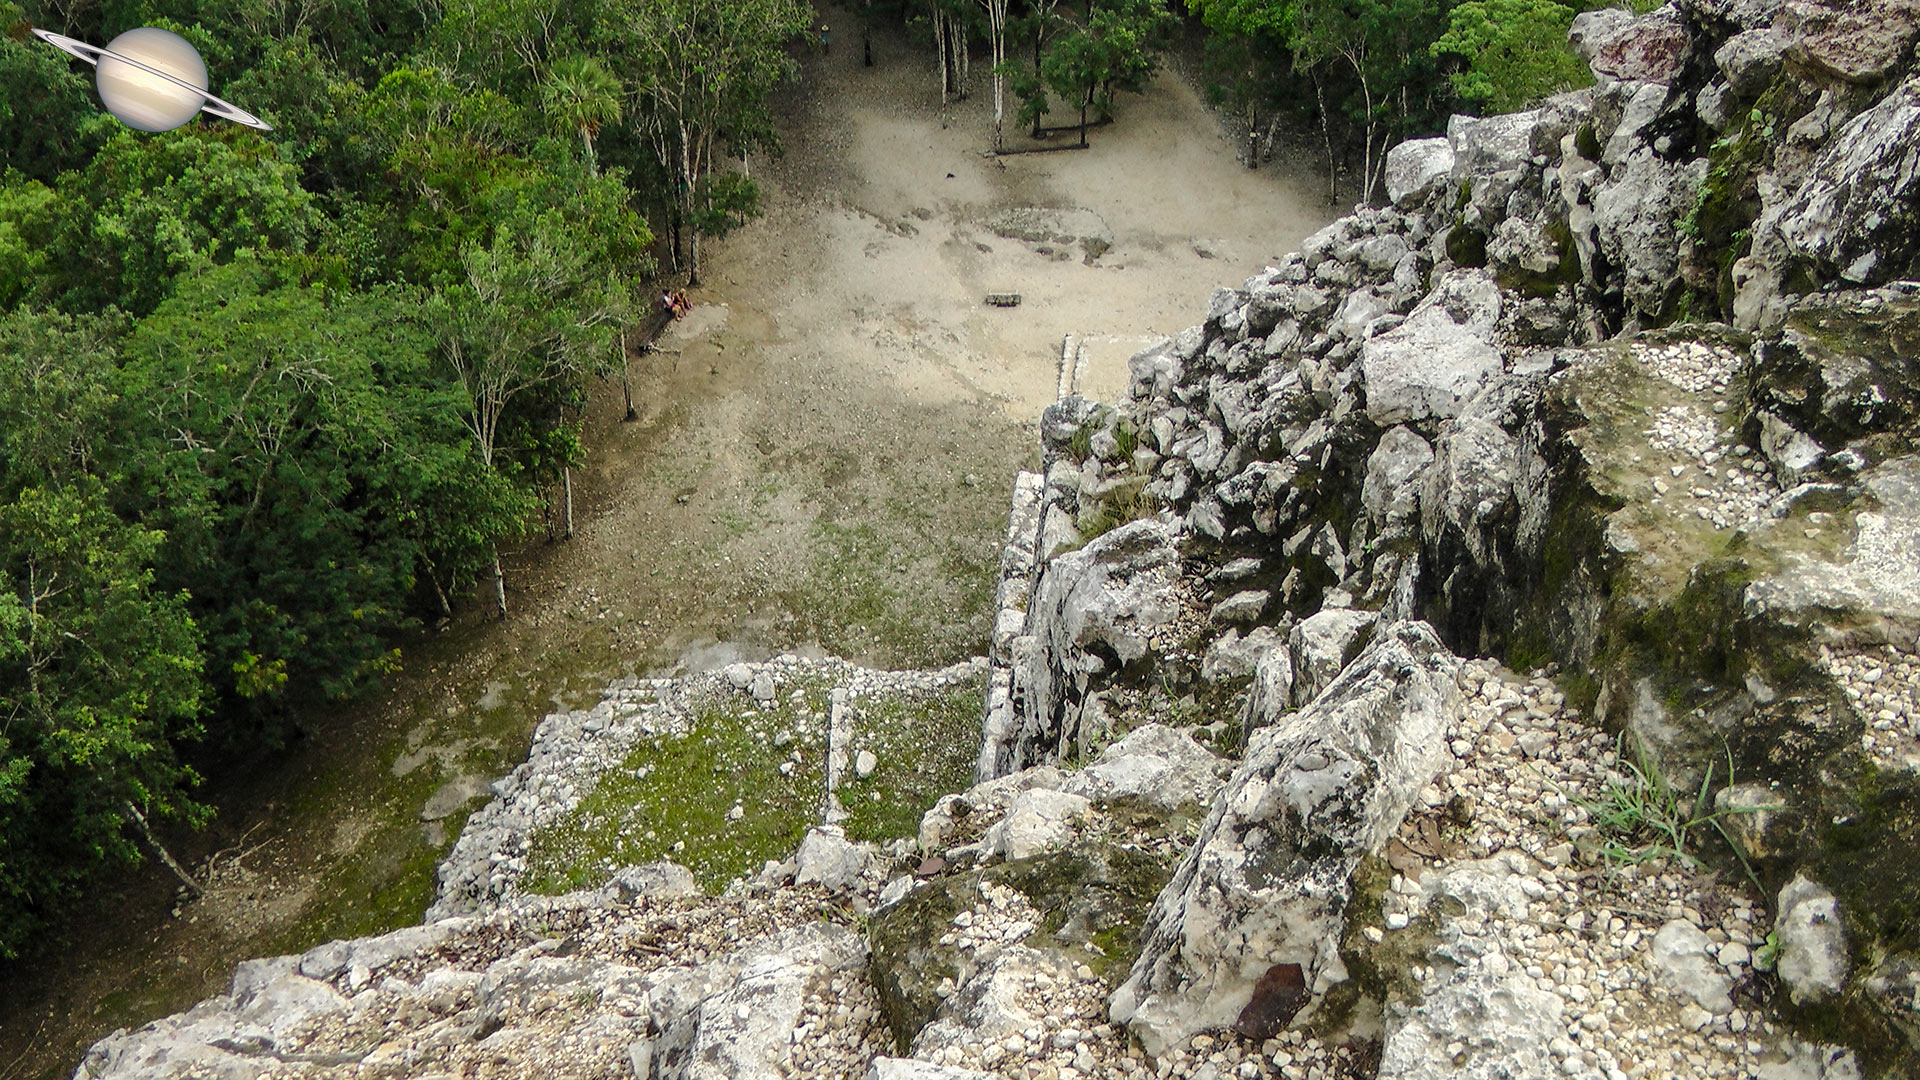 coba yucatan mexico 19 - Suba uma Pirâmide em Coba, Antiga Cidade Maia, México